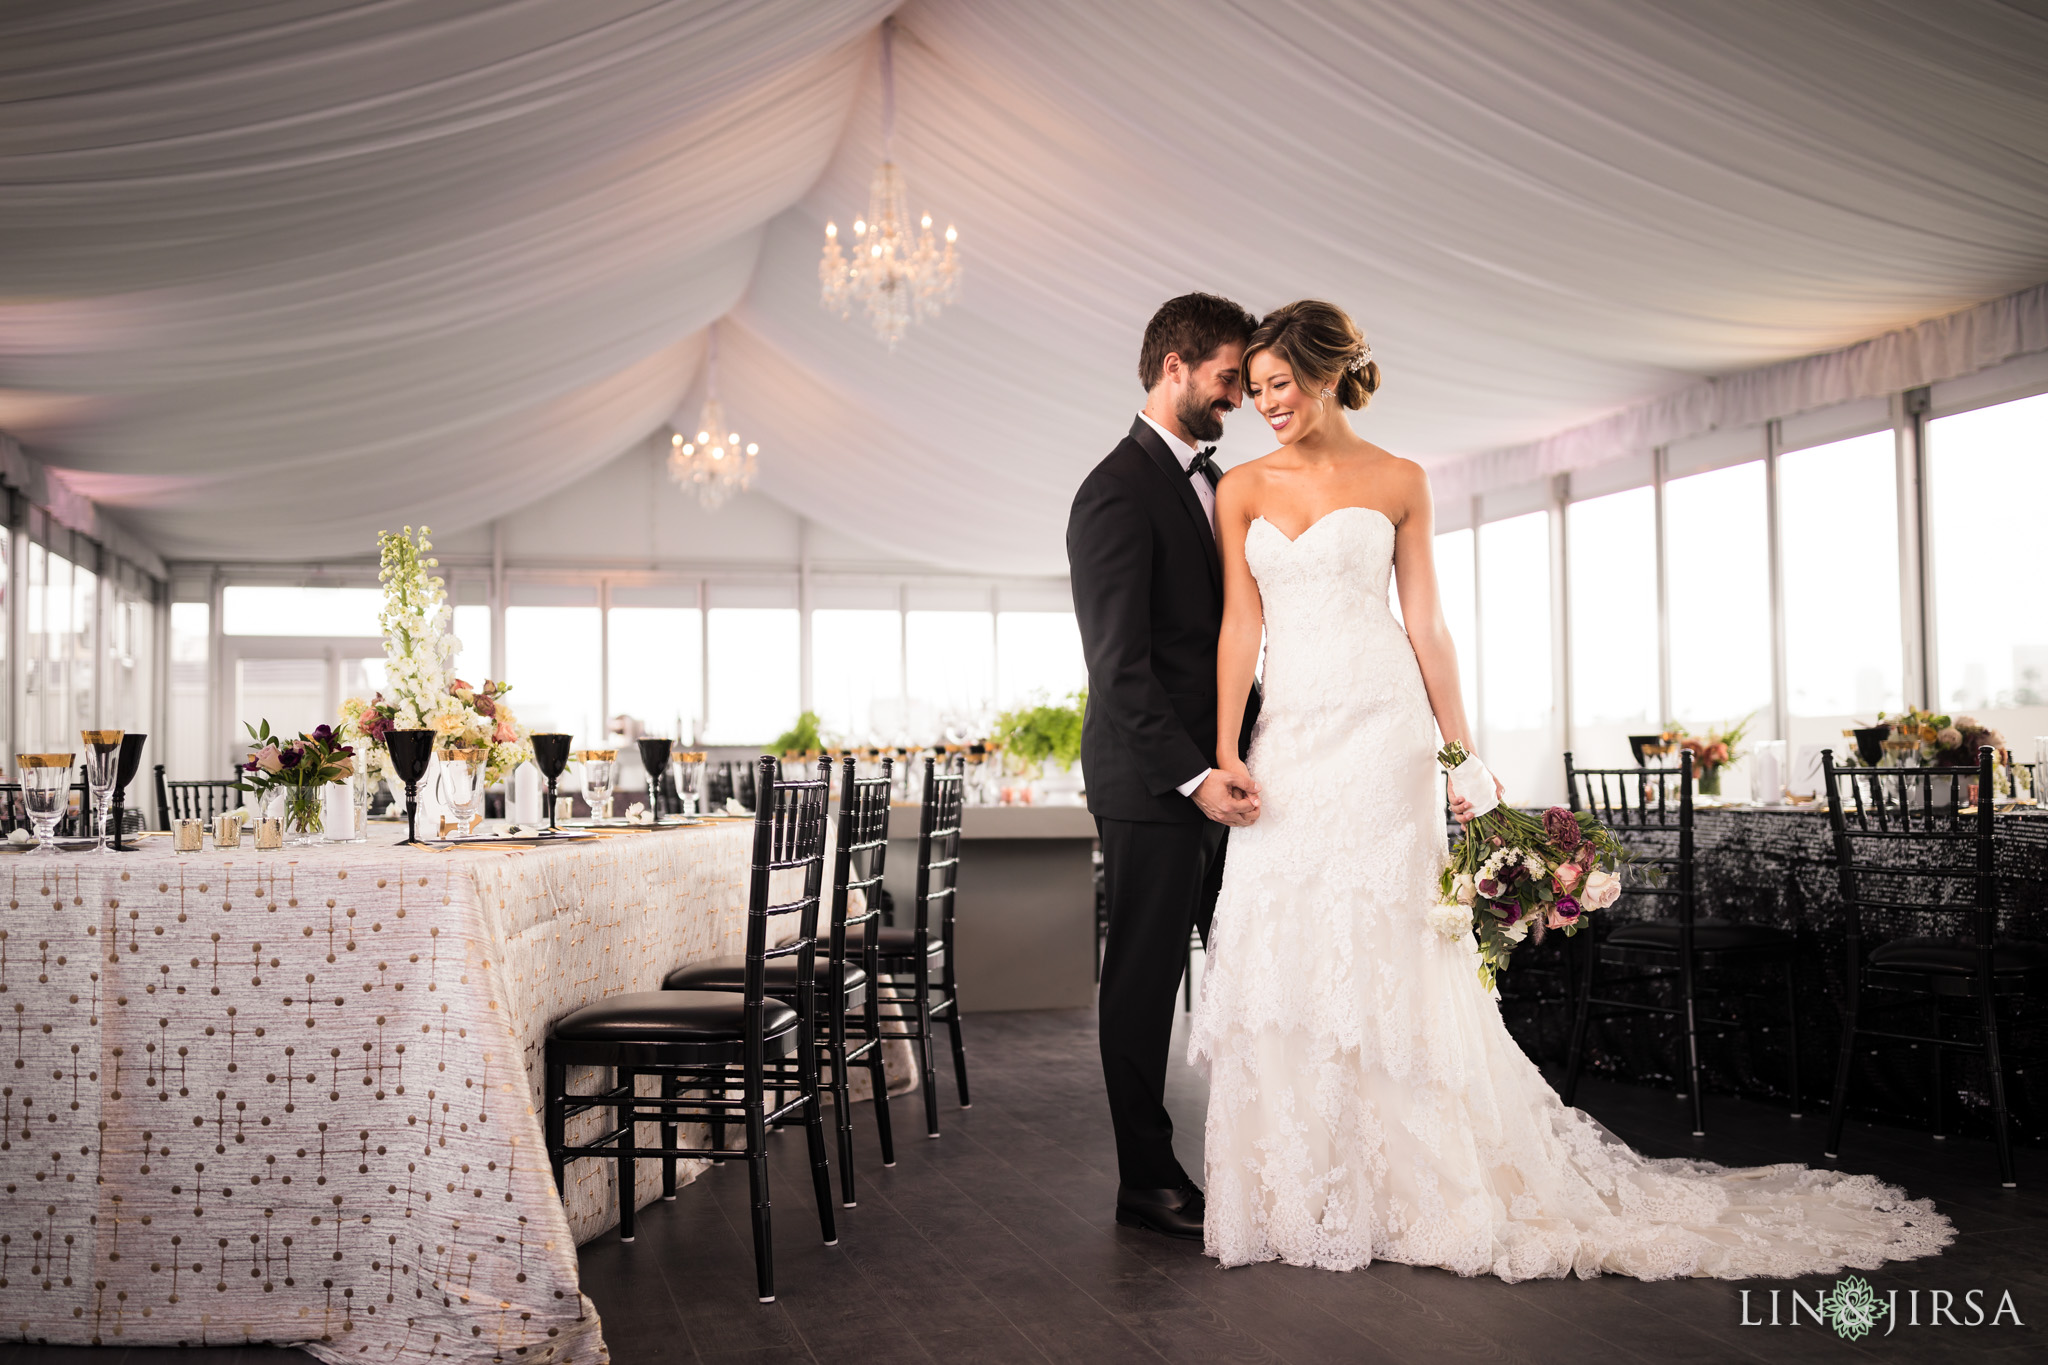 28 Kimpton La Peer Hotel West Hollywood Stylized Wedding Photography